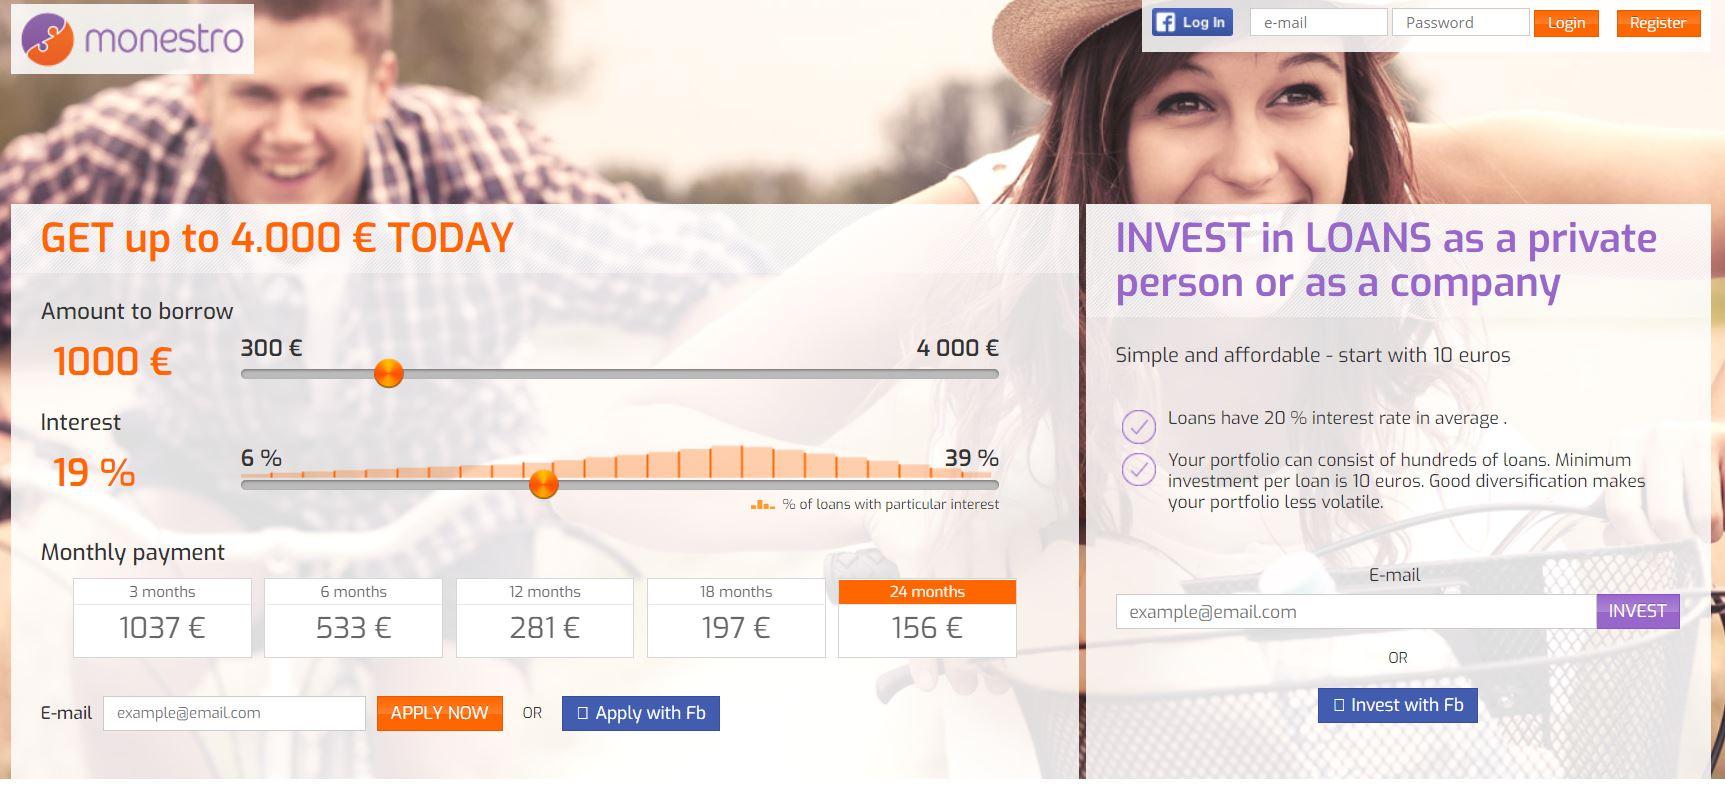 monestro p2p lending